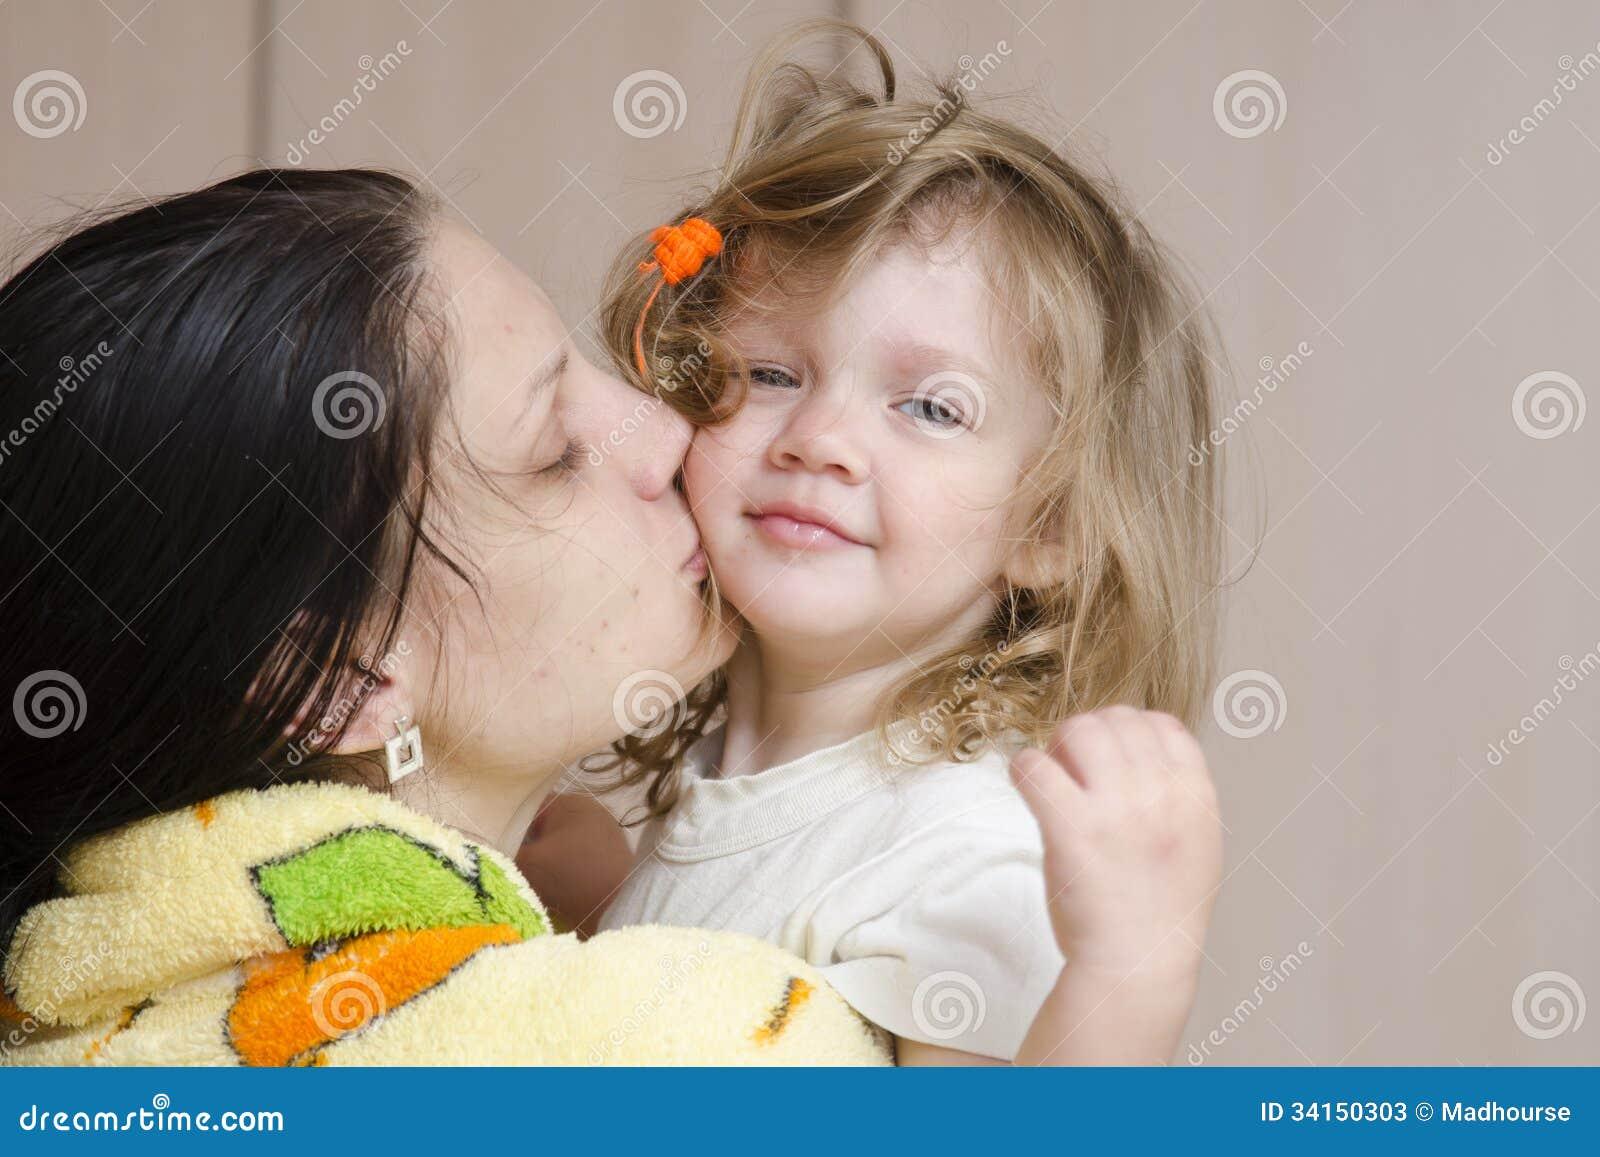 Фото дочка лижит матери, Подросток лижет письку мамочке и трахает 26 фотография